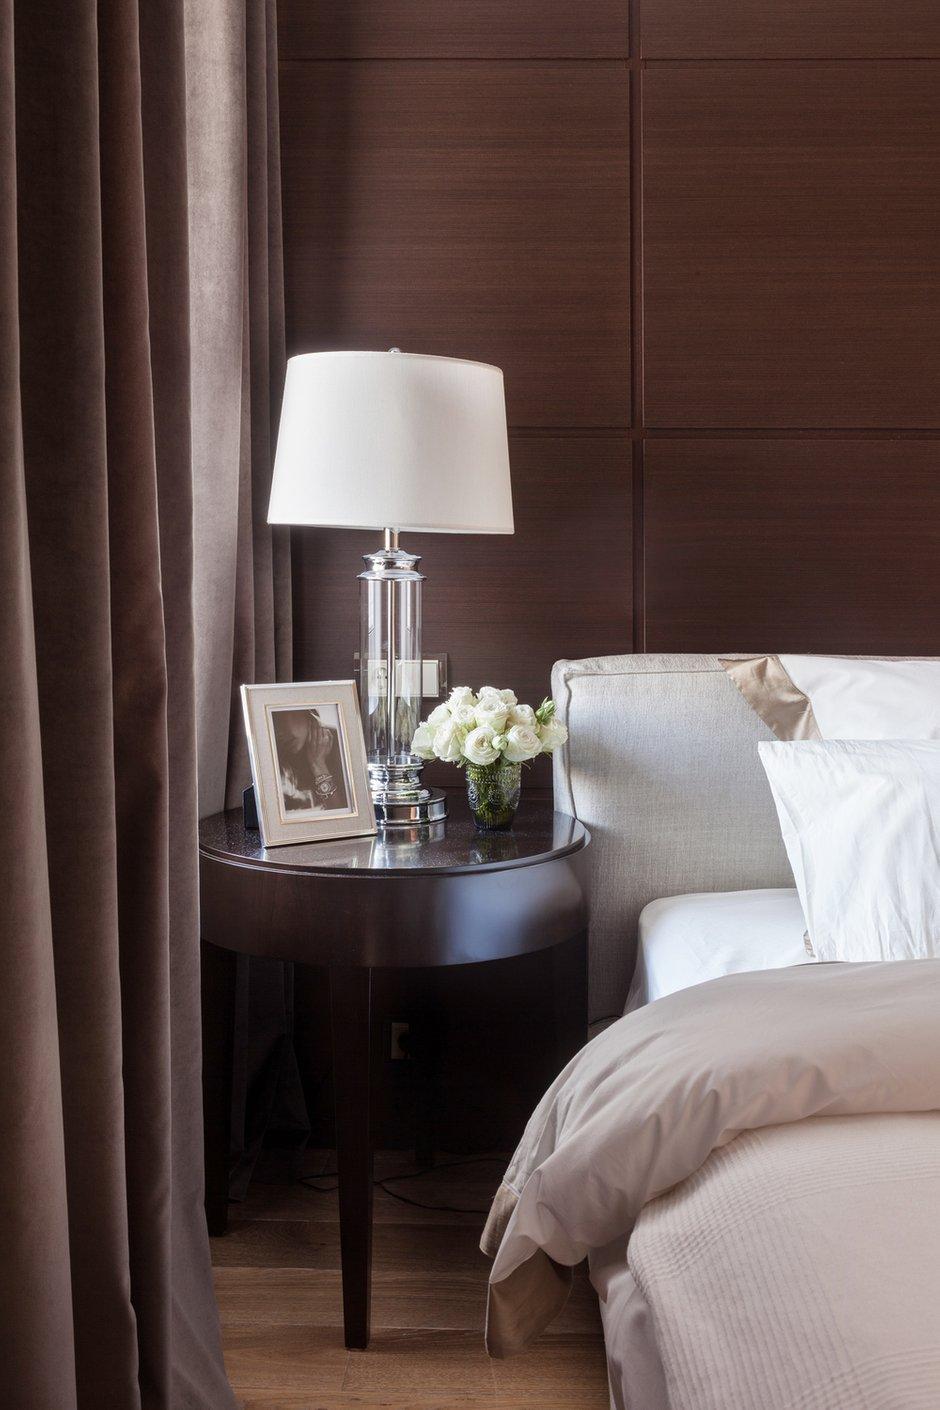 Фотография: Спальня в стиле Современный, Классический, Квартира, Дома и квартиры, IKEA, Проект недели, Дина Салахова – фото на INMYROOM